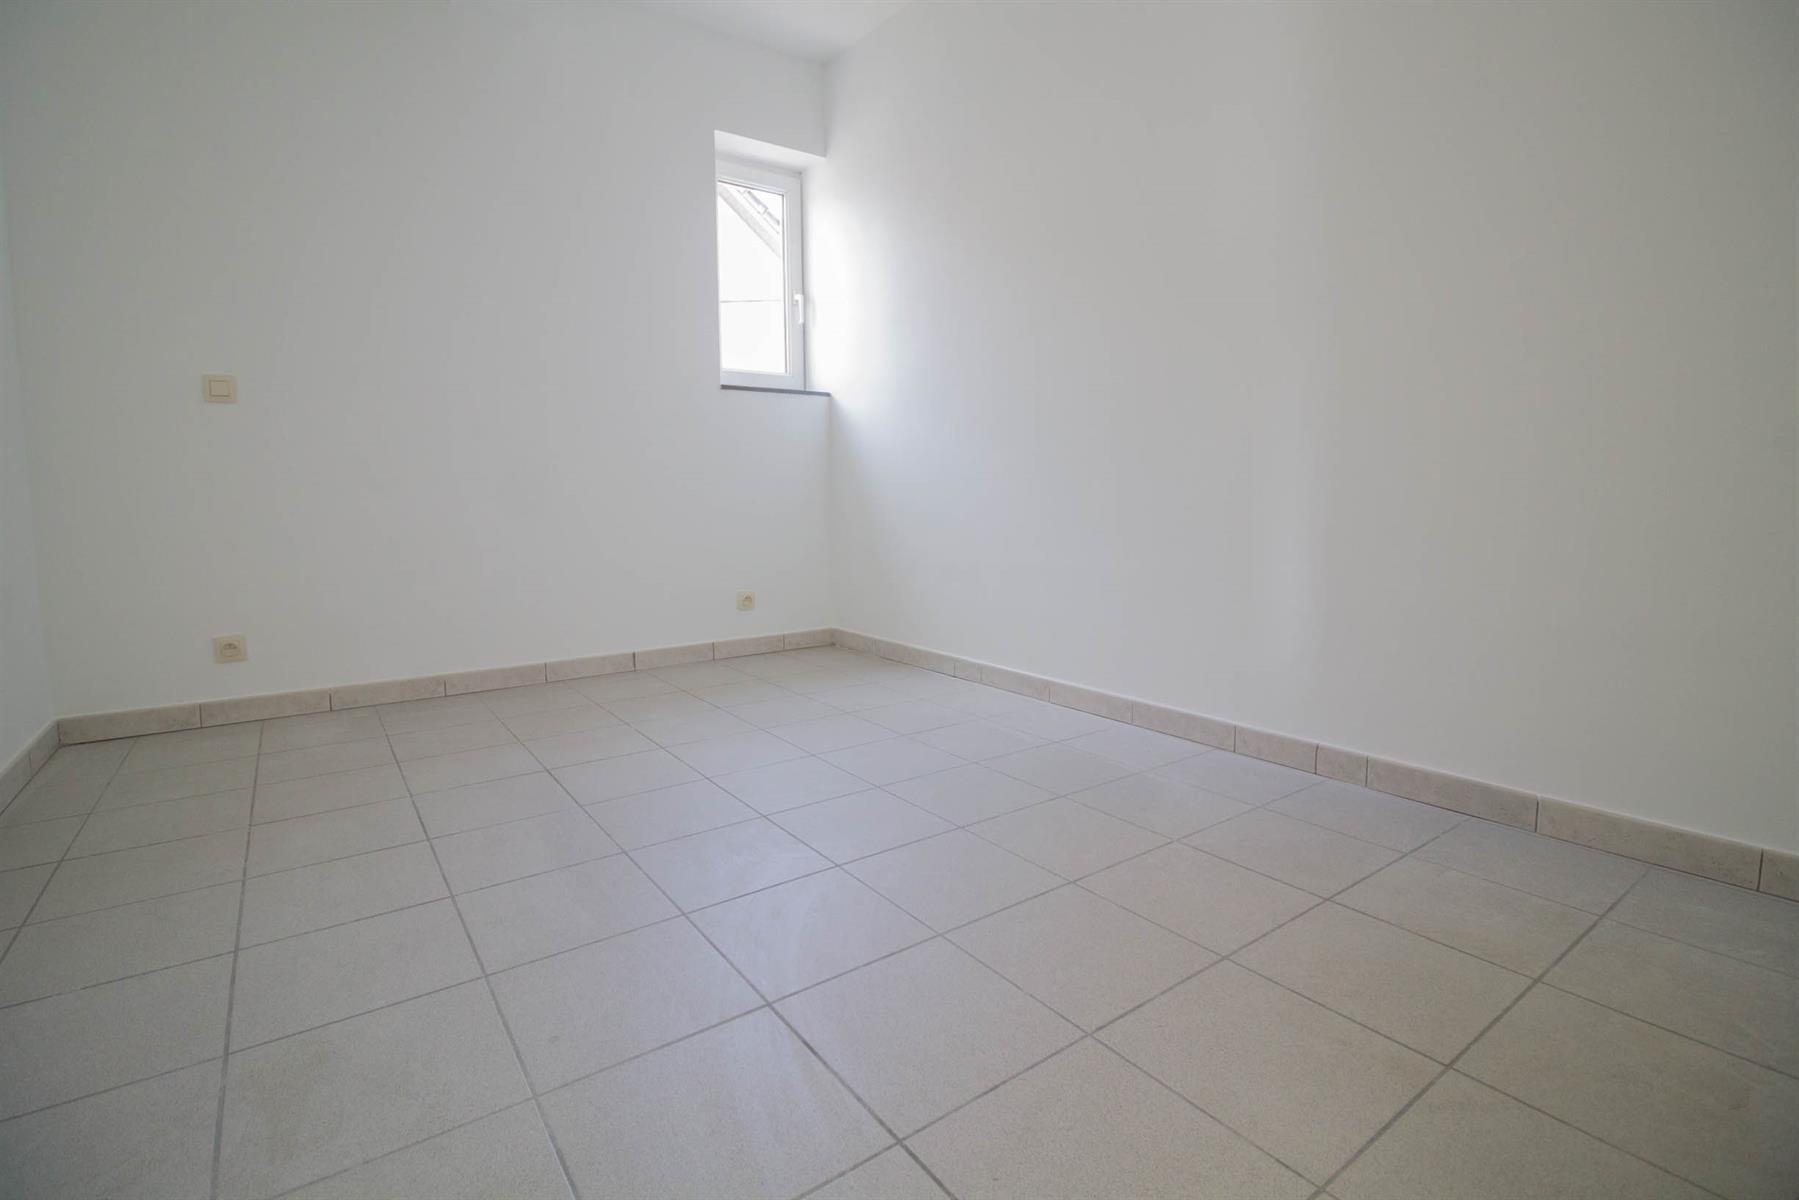 Appartement - Montigny-le-Tilleul - #4349715-9